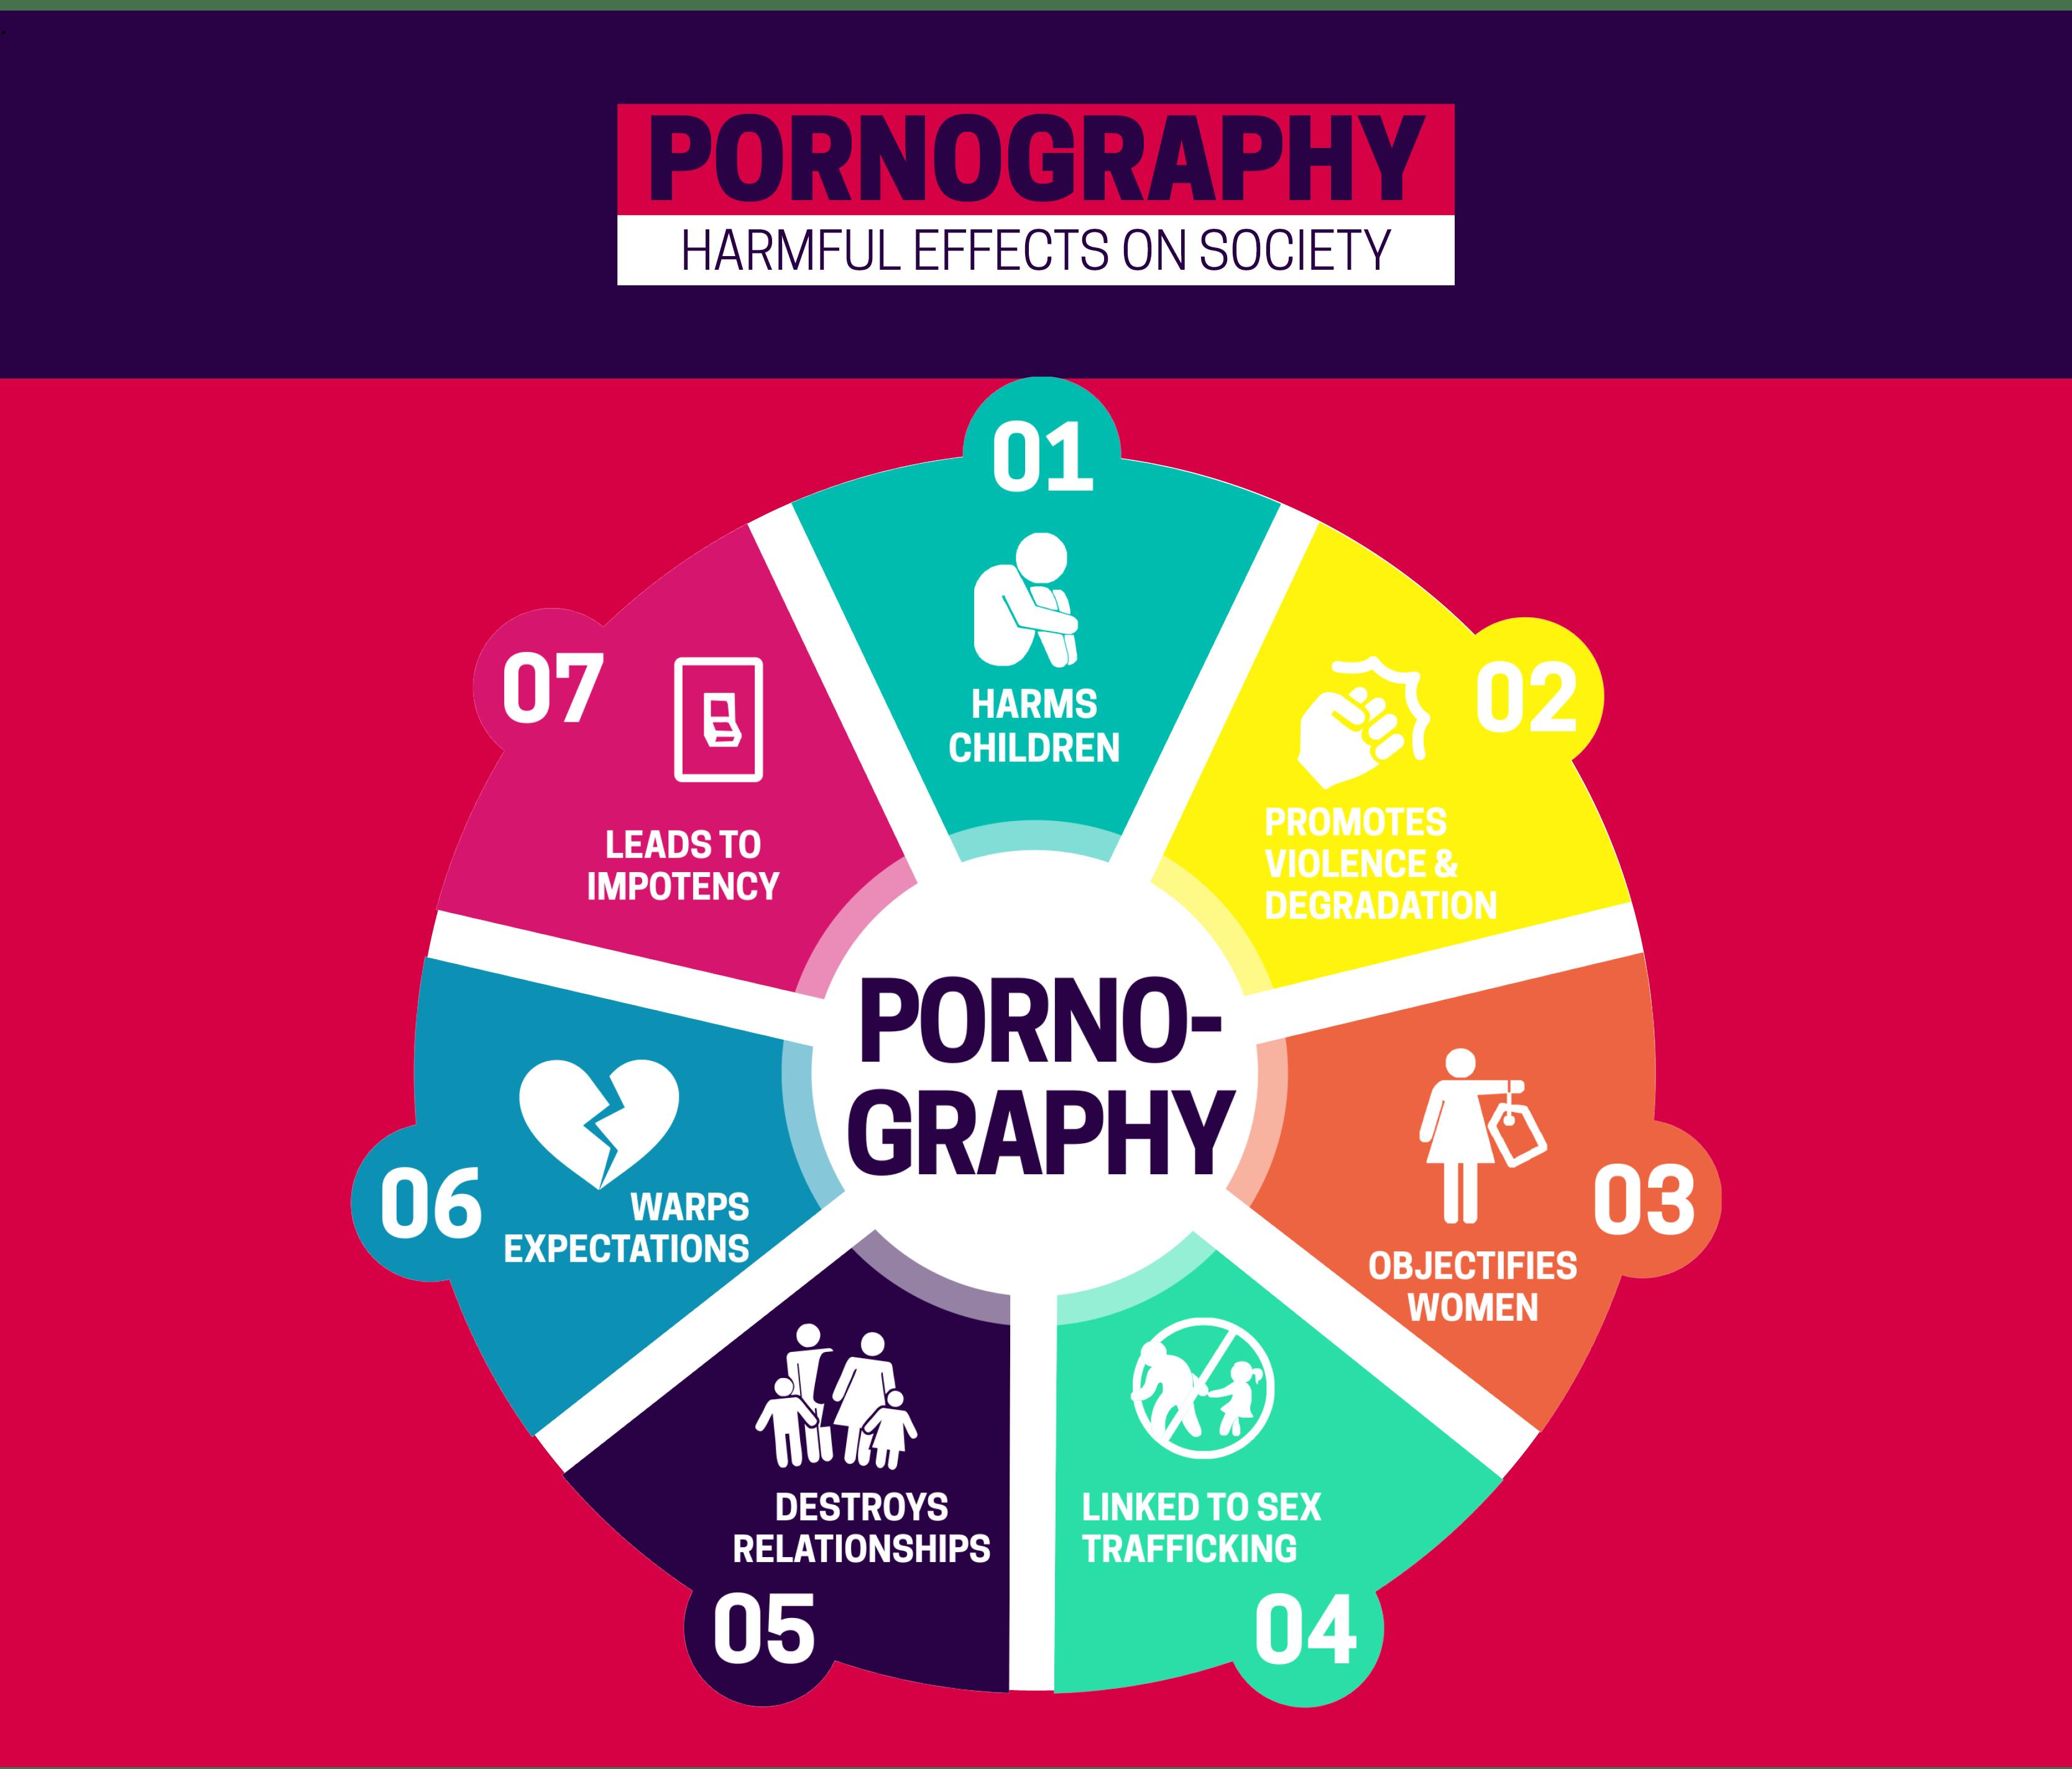 Auswirkungen von Pornografie auf Beziehungen, Israelischer jugendlich Nacktstrand